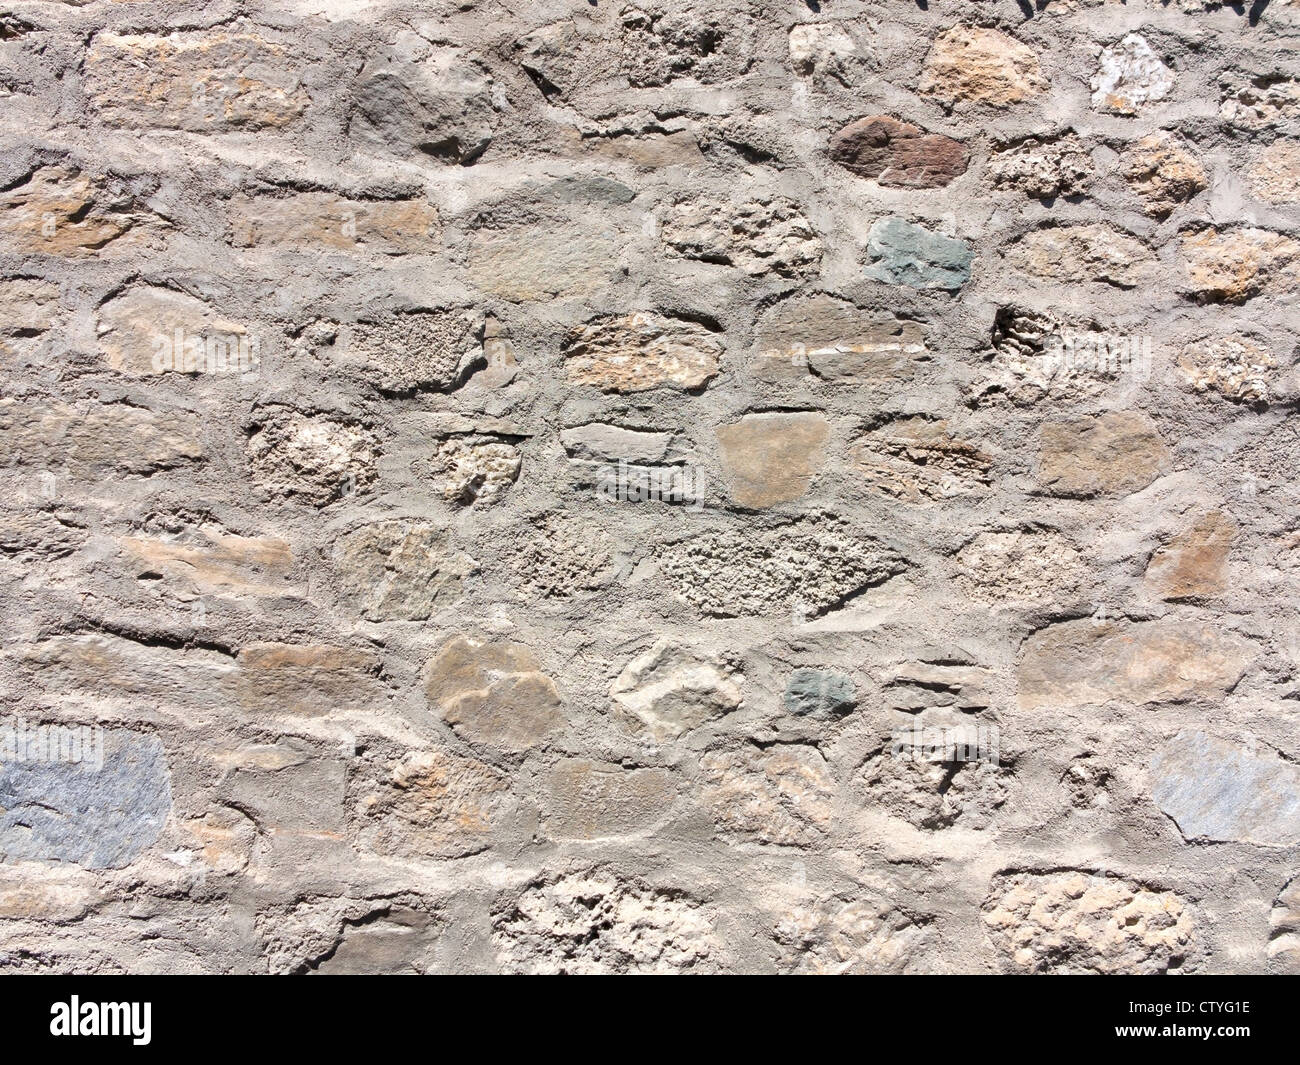 Una imagen de fondo de un muro de piedra Imagen De Stock